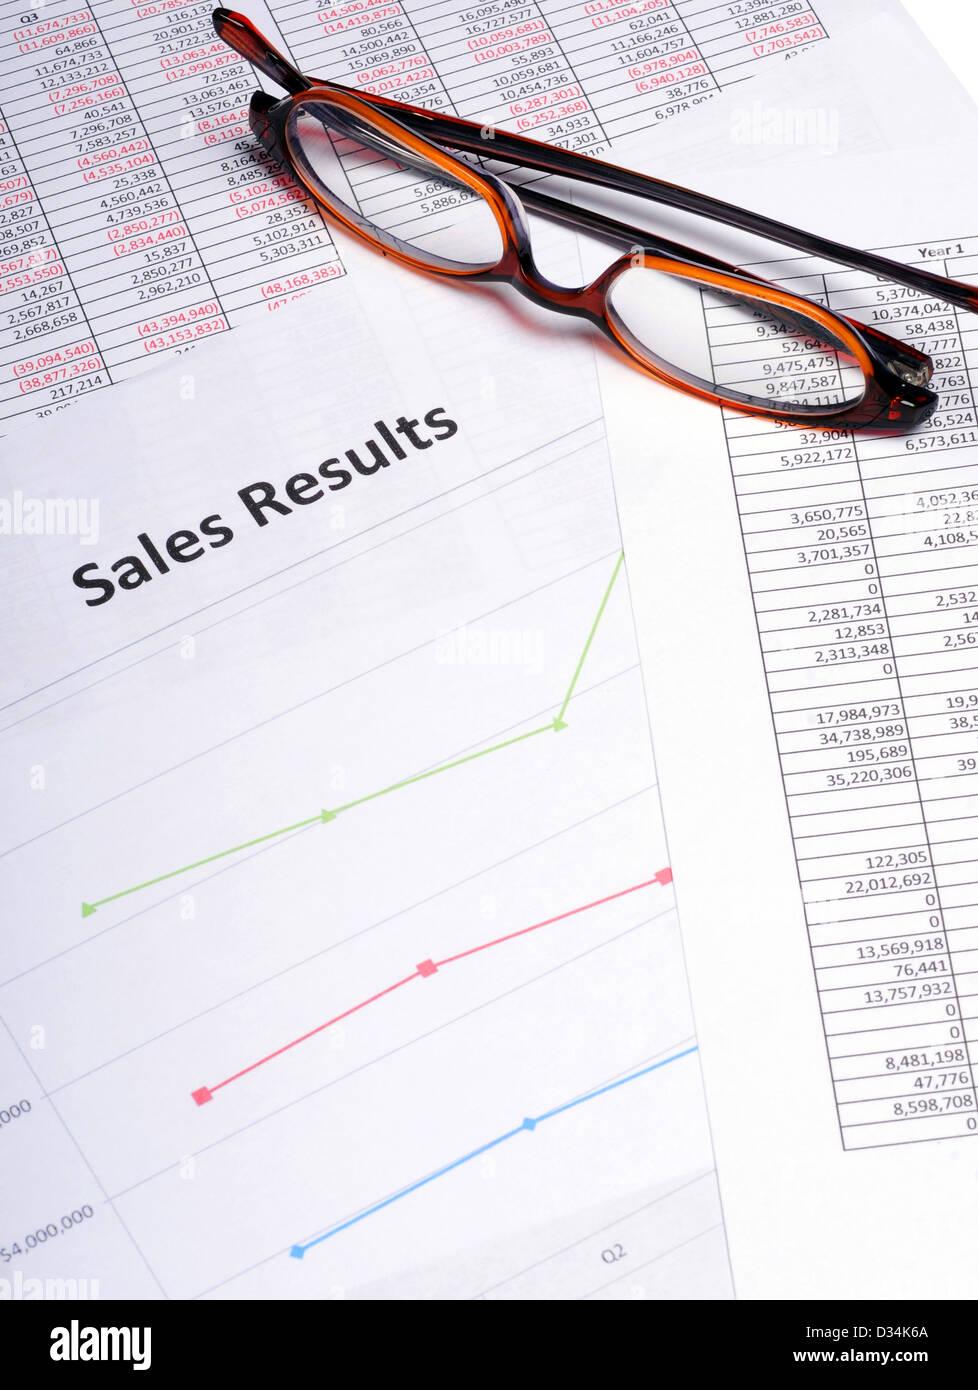 Diagramme und Diagramme, Verkaufsergebnisse mit einer Brille Stockbild